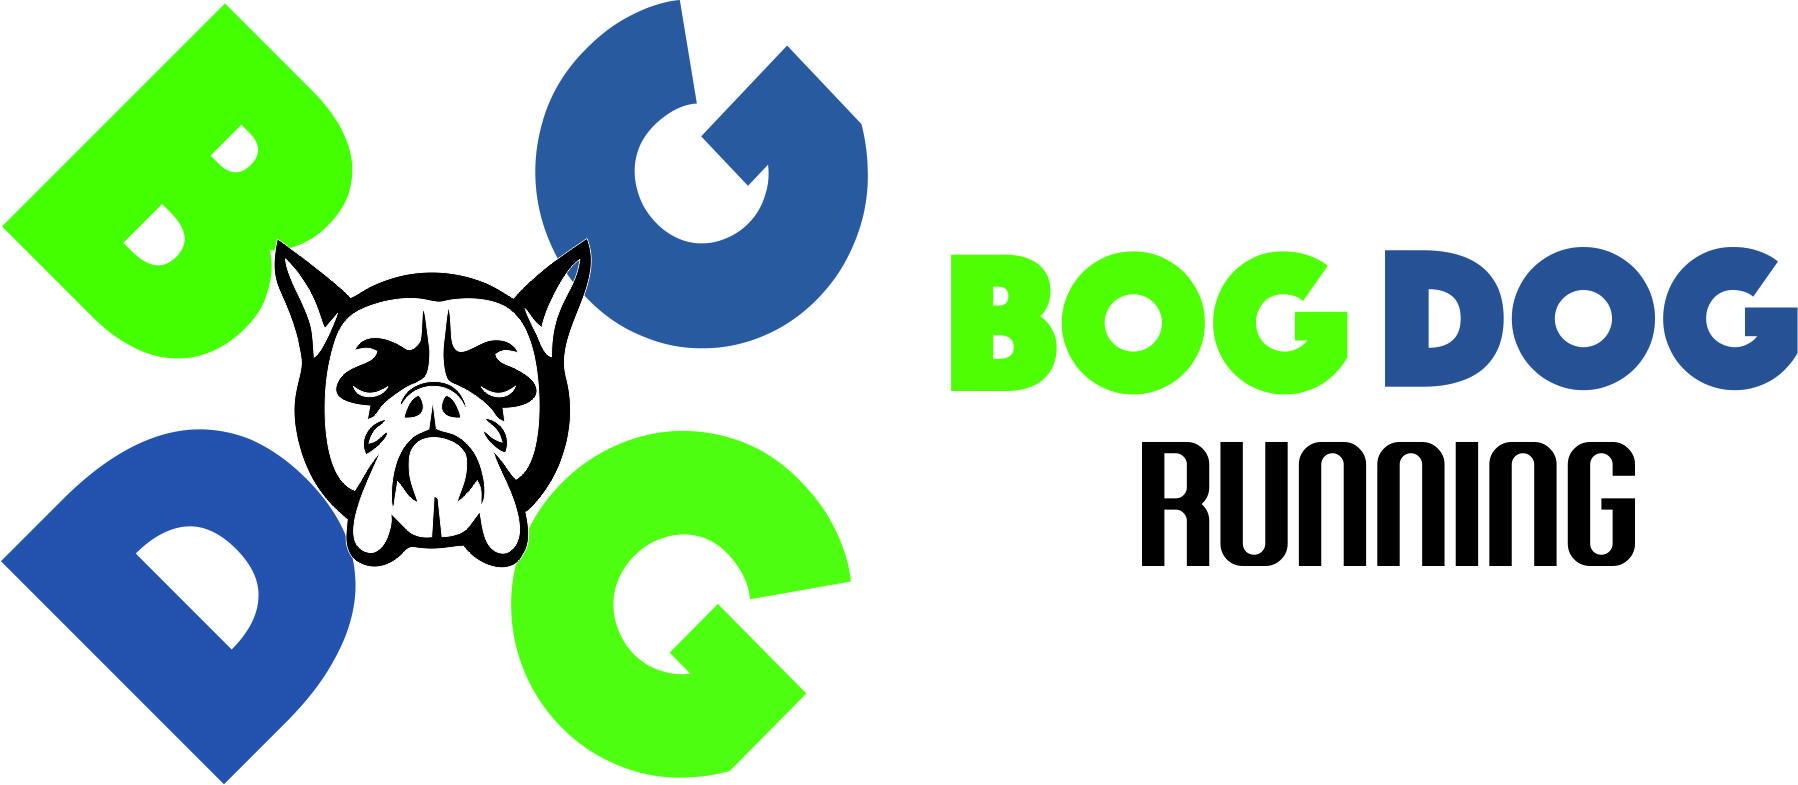 Bogdog running image